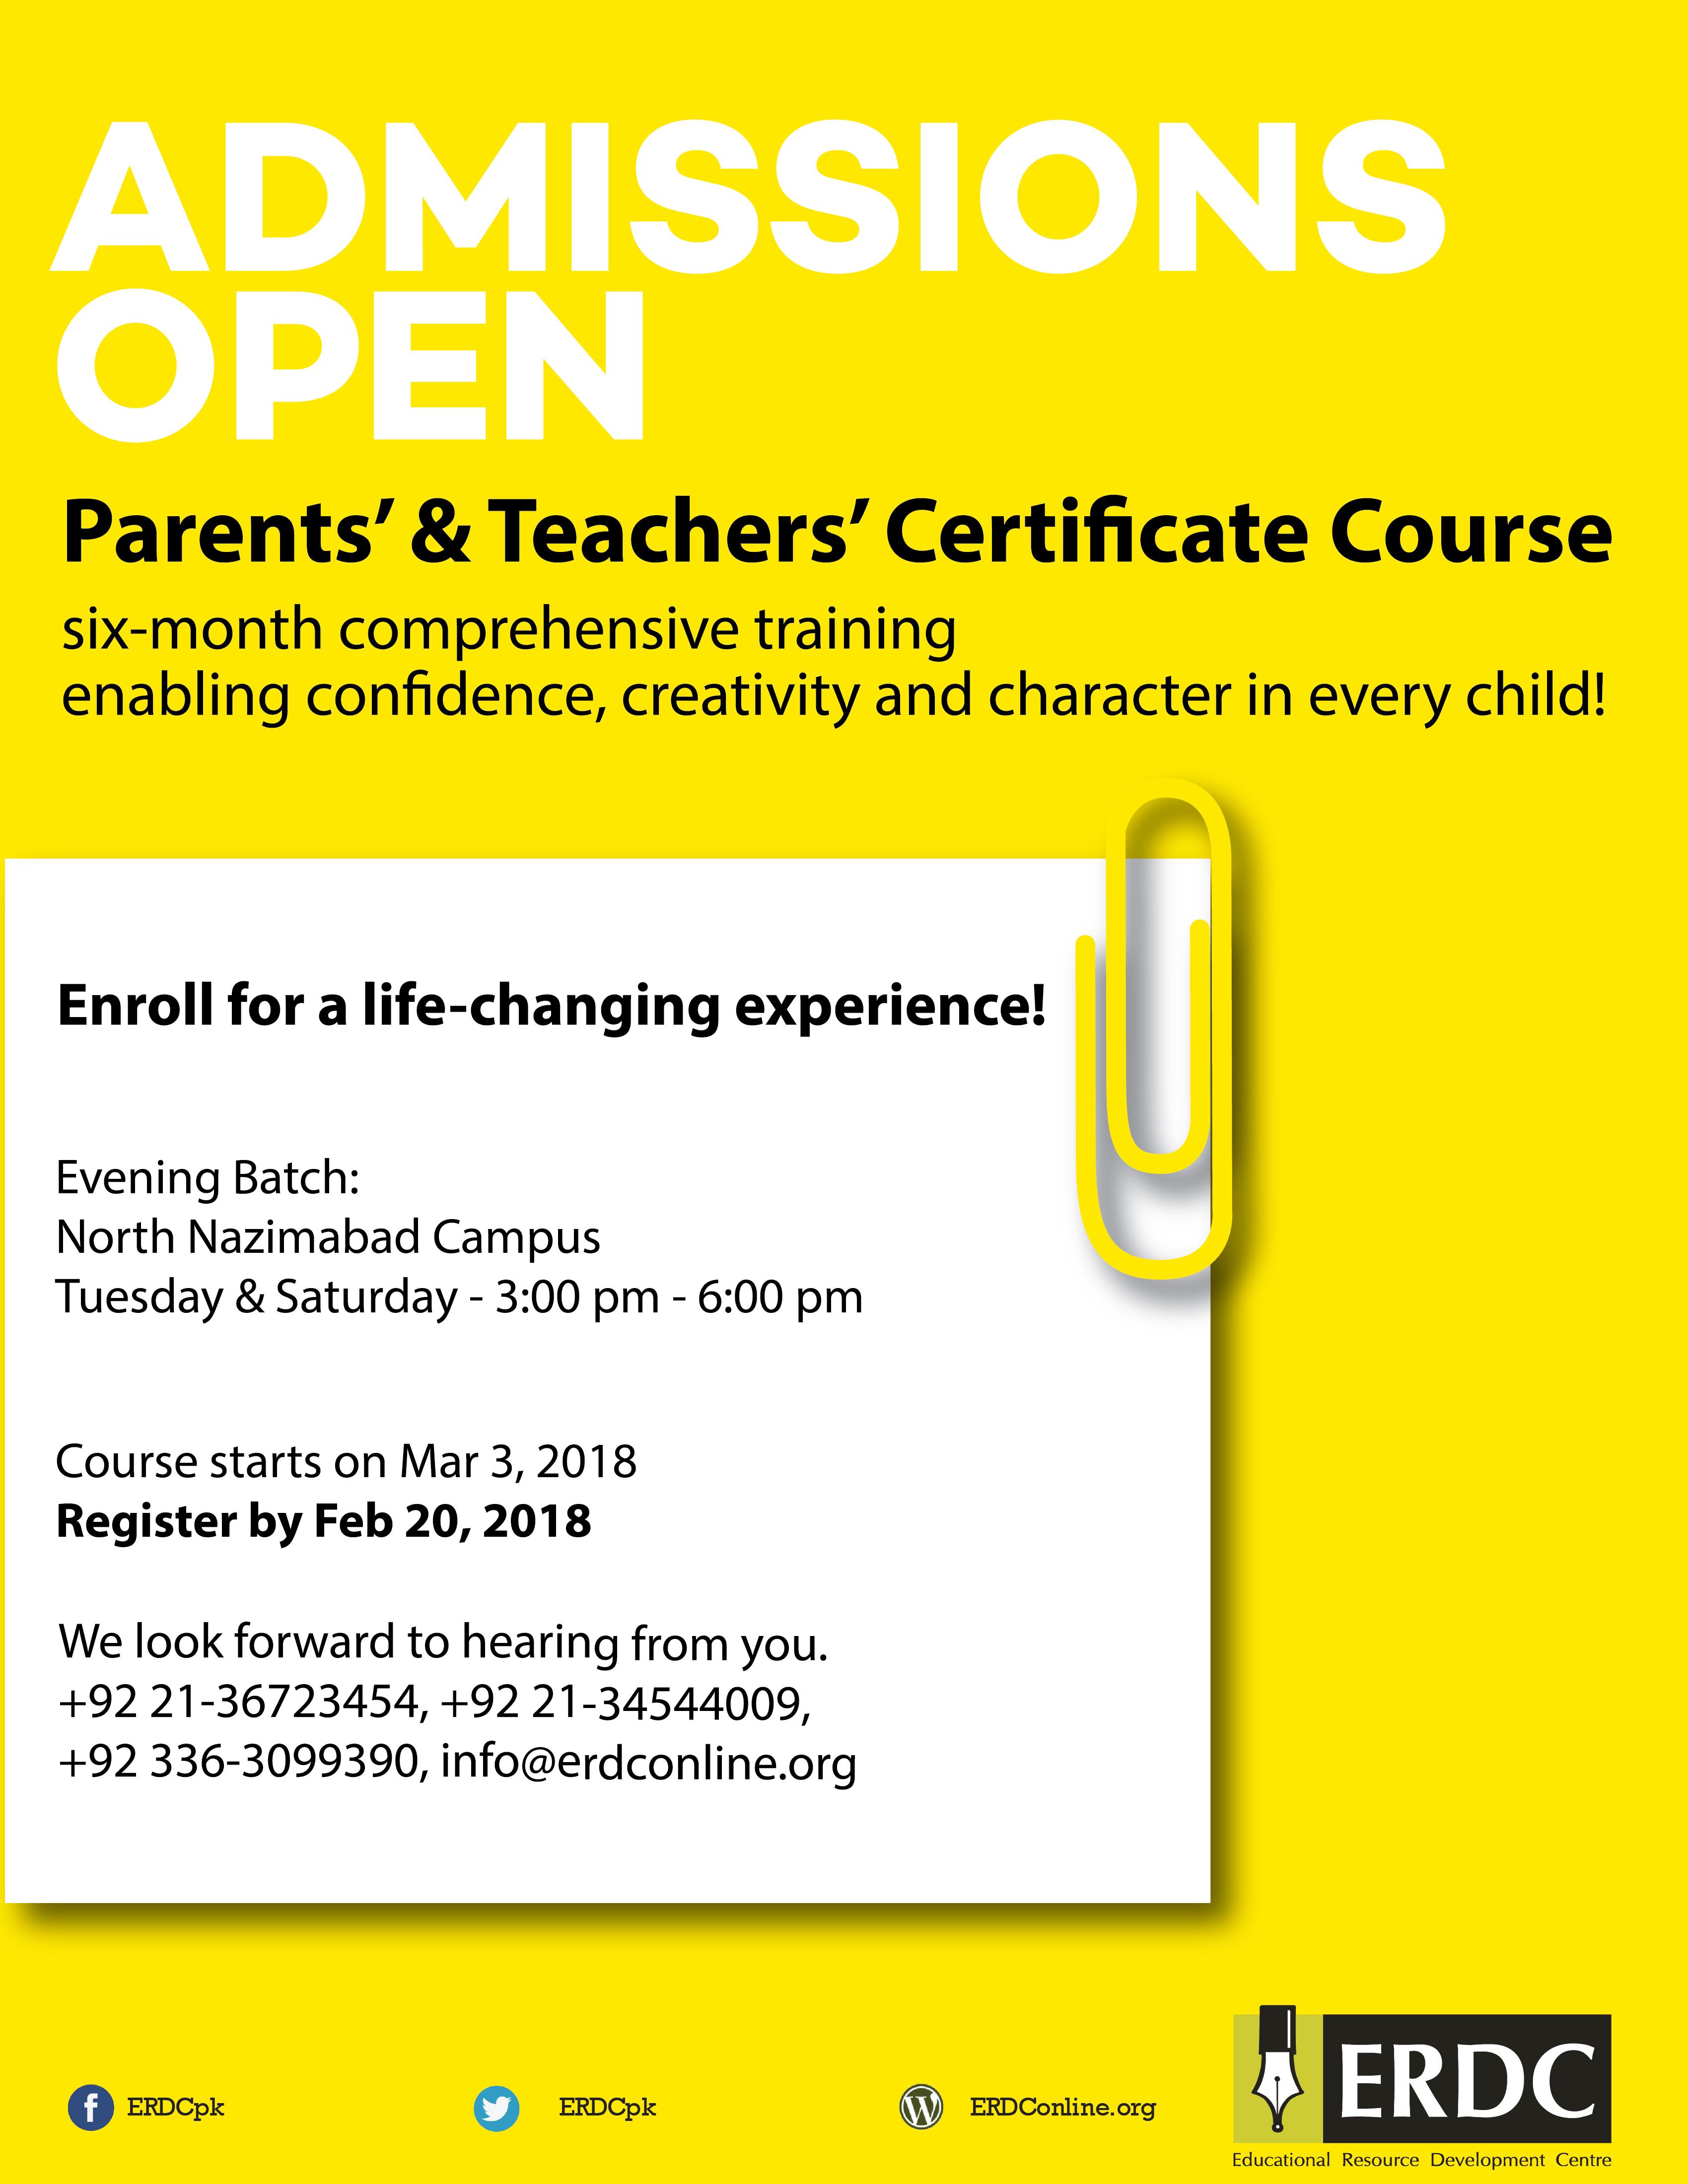 A six-months course: PARENTS\' & TEACHERS\' CERTIFICATE COURSE – ERDC